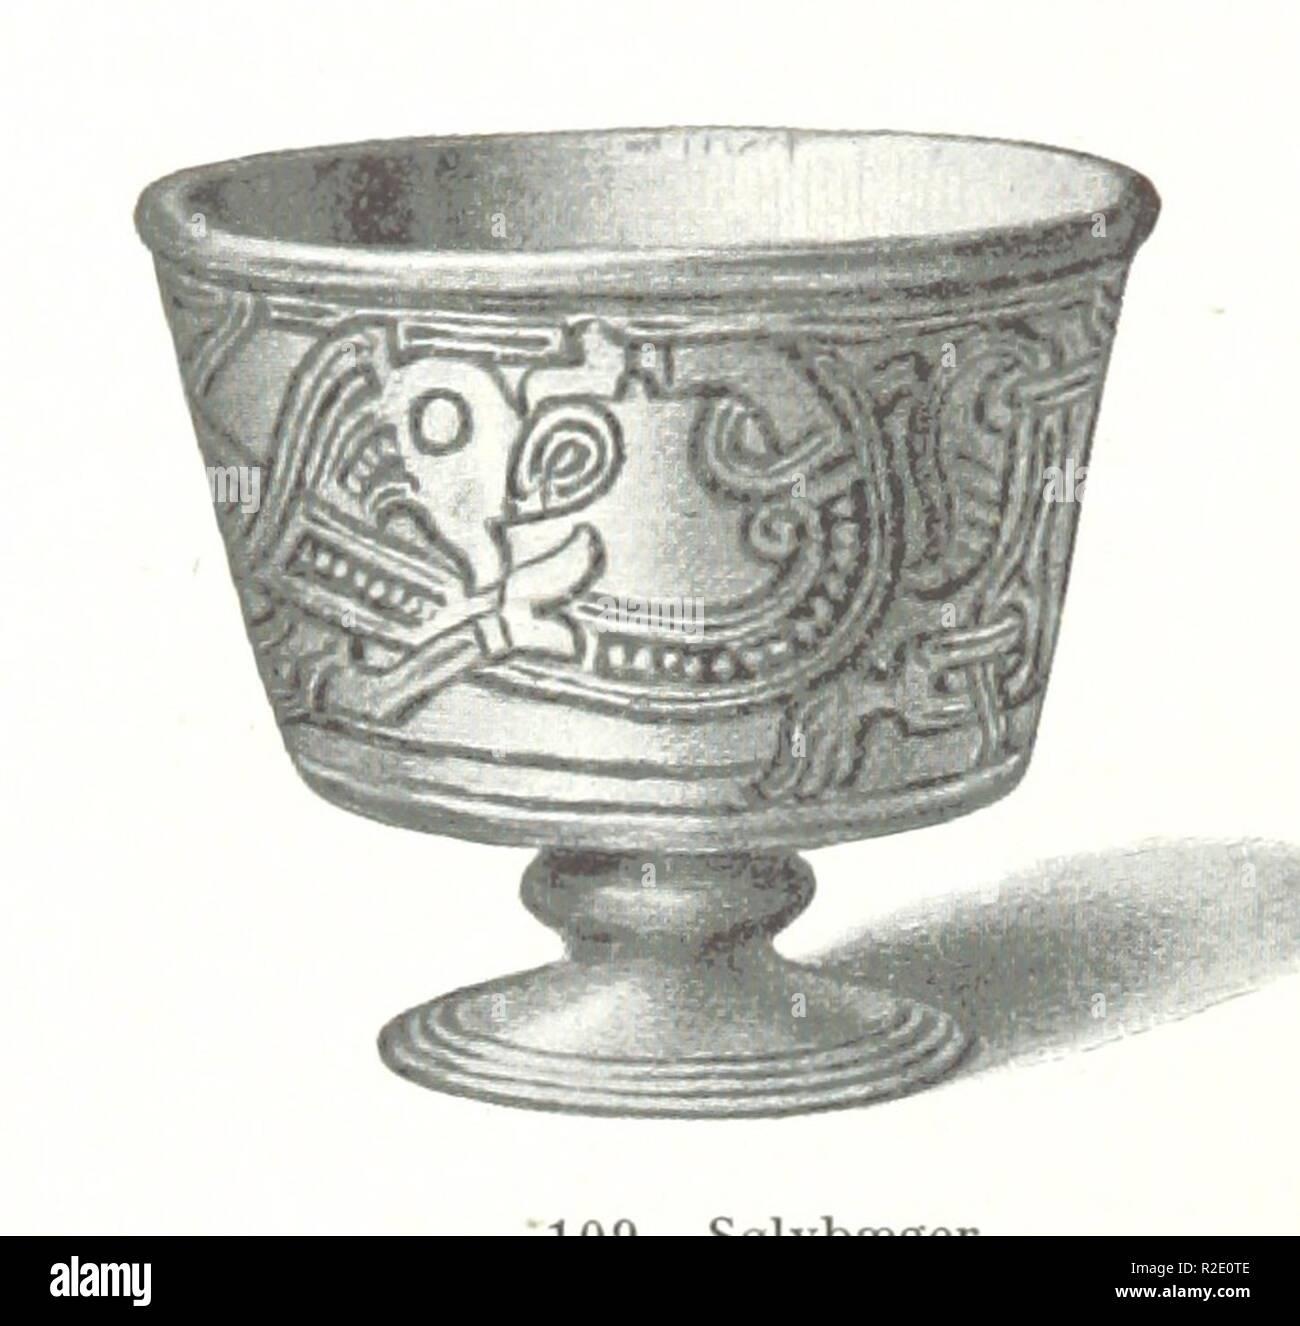 page 348 of 'Danmarks Riges Historie af J. Steenstrup, Kr. Erslev, A. Heise, V. Mollerup, J. A. Fridericia, E. Holm, A. D. Jørgensen. Historisk illustreret' . - Stock Image